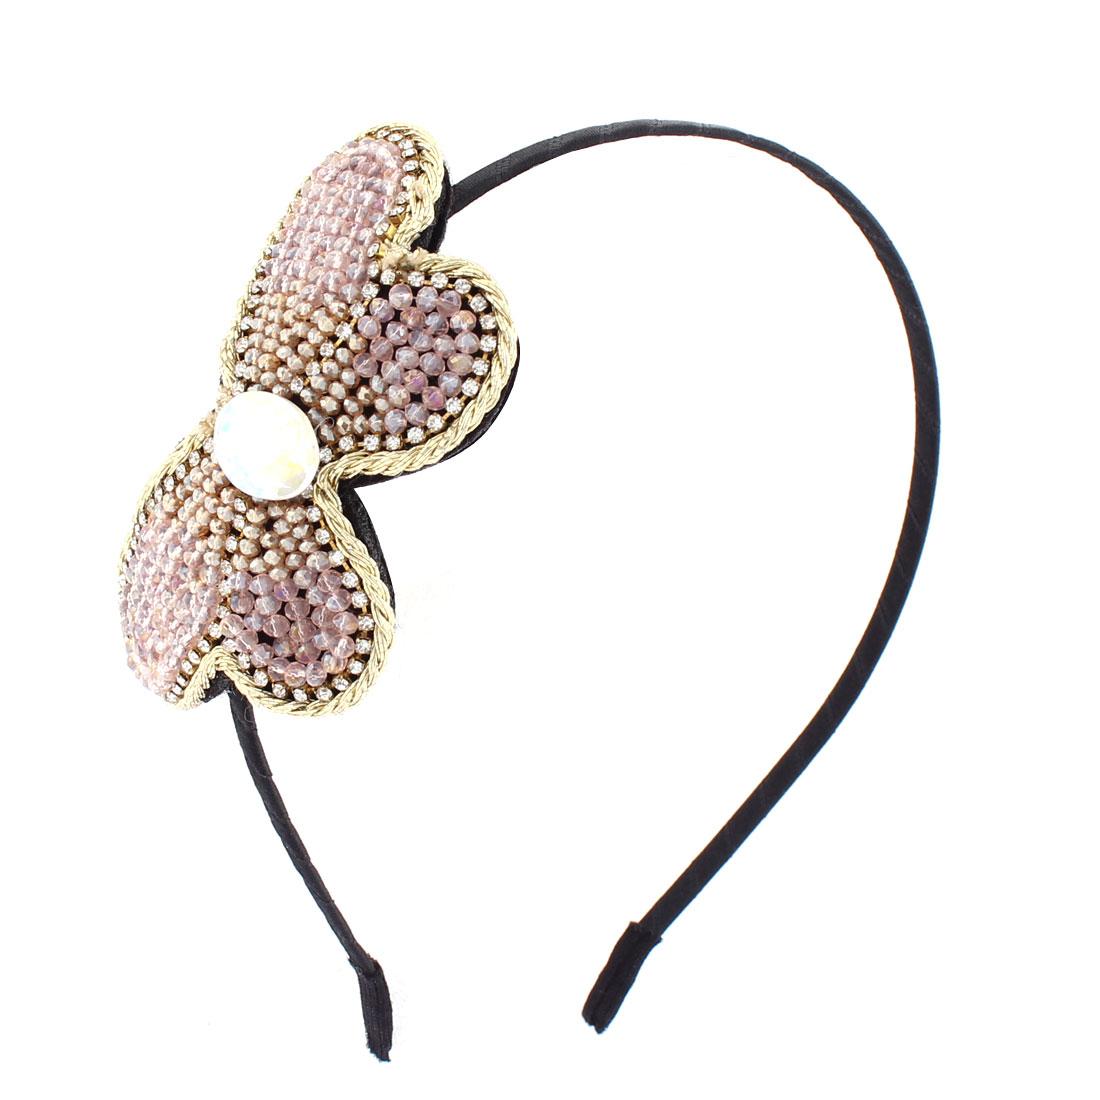 Ladies DIY Gift Rhinestone Plastic Beads Embellished Bowtie Design Slim Metal Hair Hoop Bowknot Gold Tone Light Pink